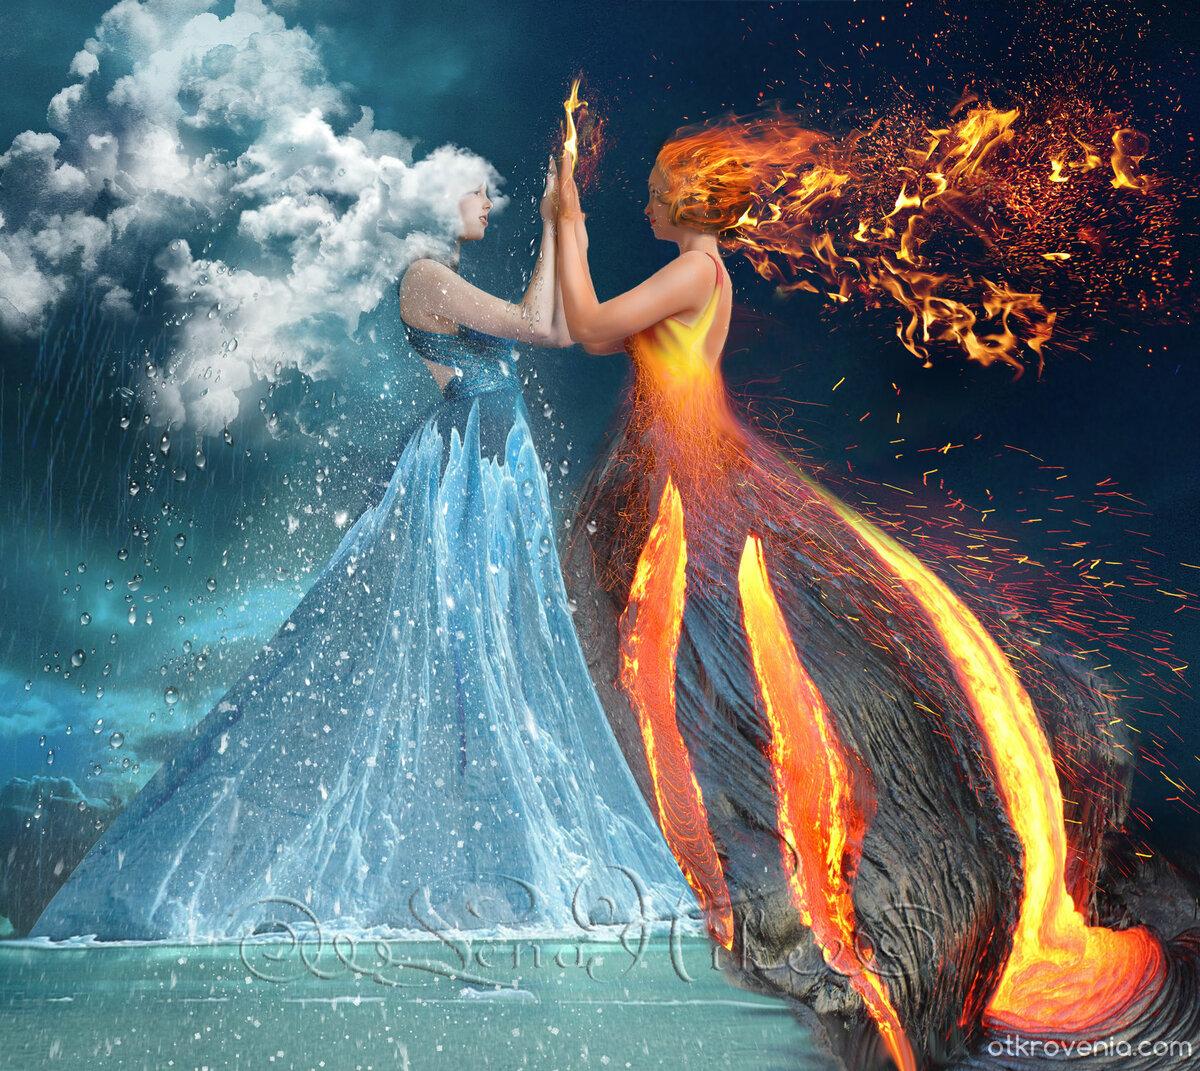 позволит, картинки искра огонь и вода разработал детальный